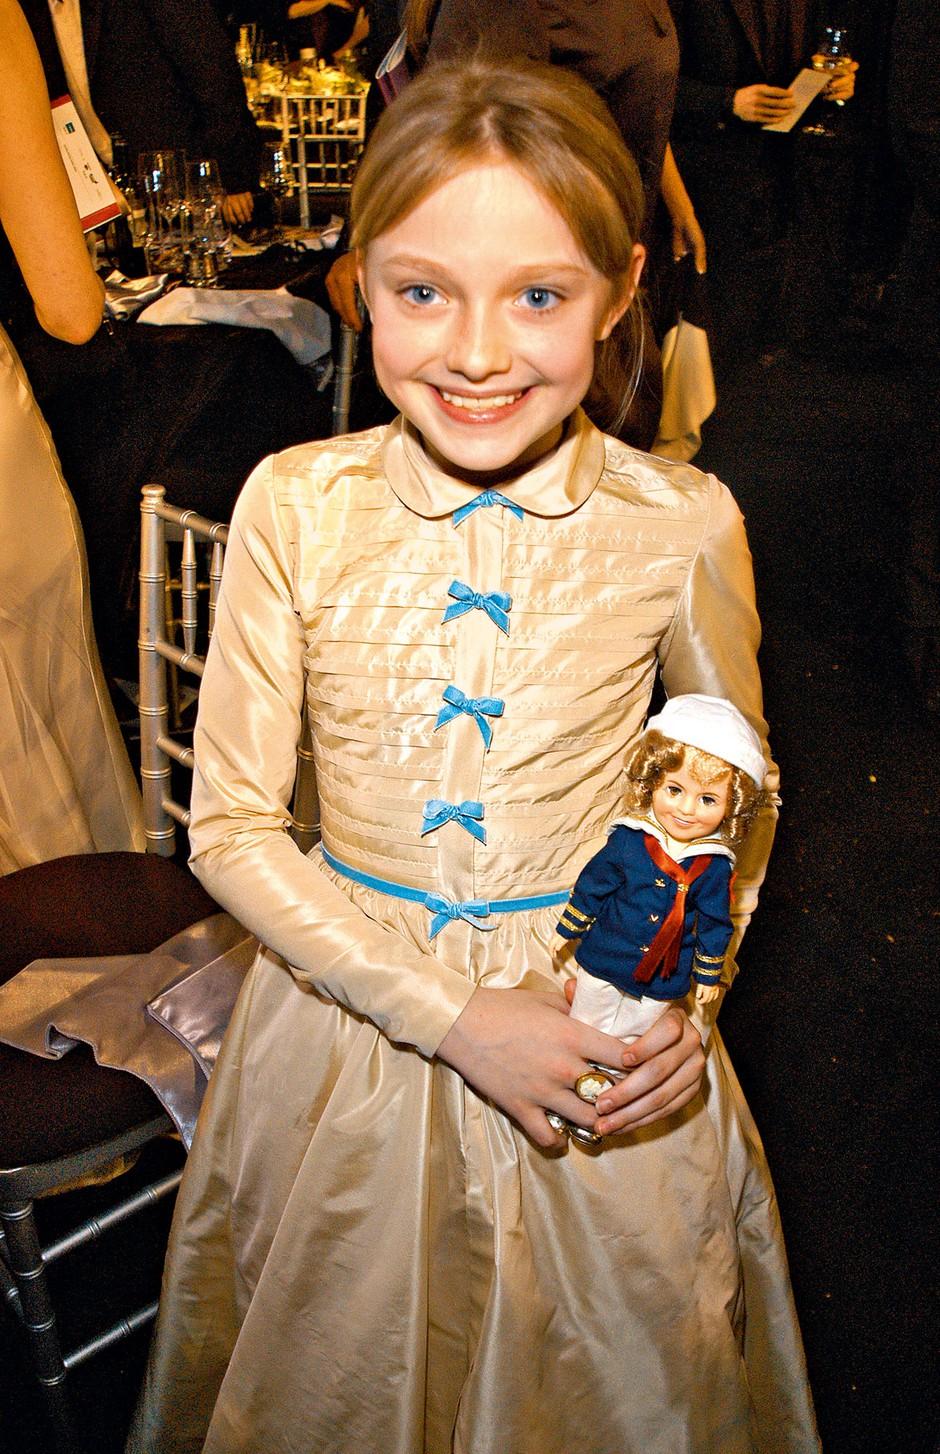 Osvojila je kar tri priznanja Young Artist Award, zadnjega leta 2009, in sicer za vlogo Lily Owens v drami Skrivno življenje čebel, v kateri ji je družbo delala Queen Latifah. (foto: Profimedia)